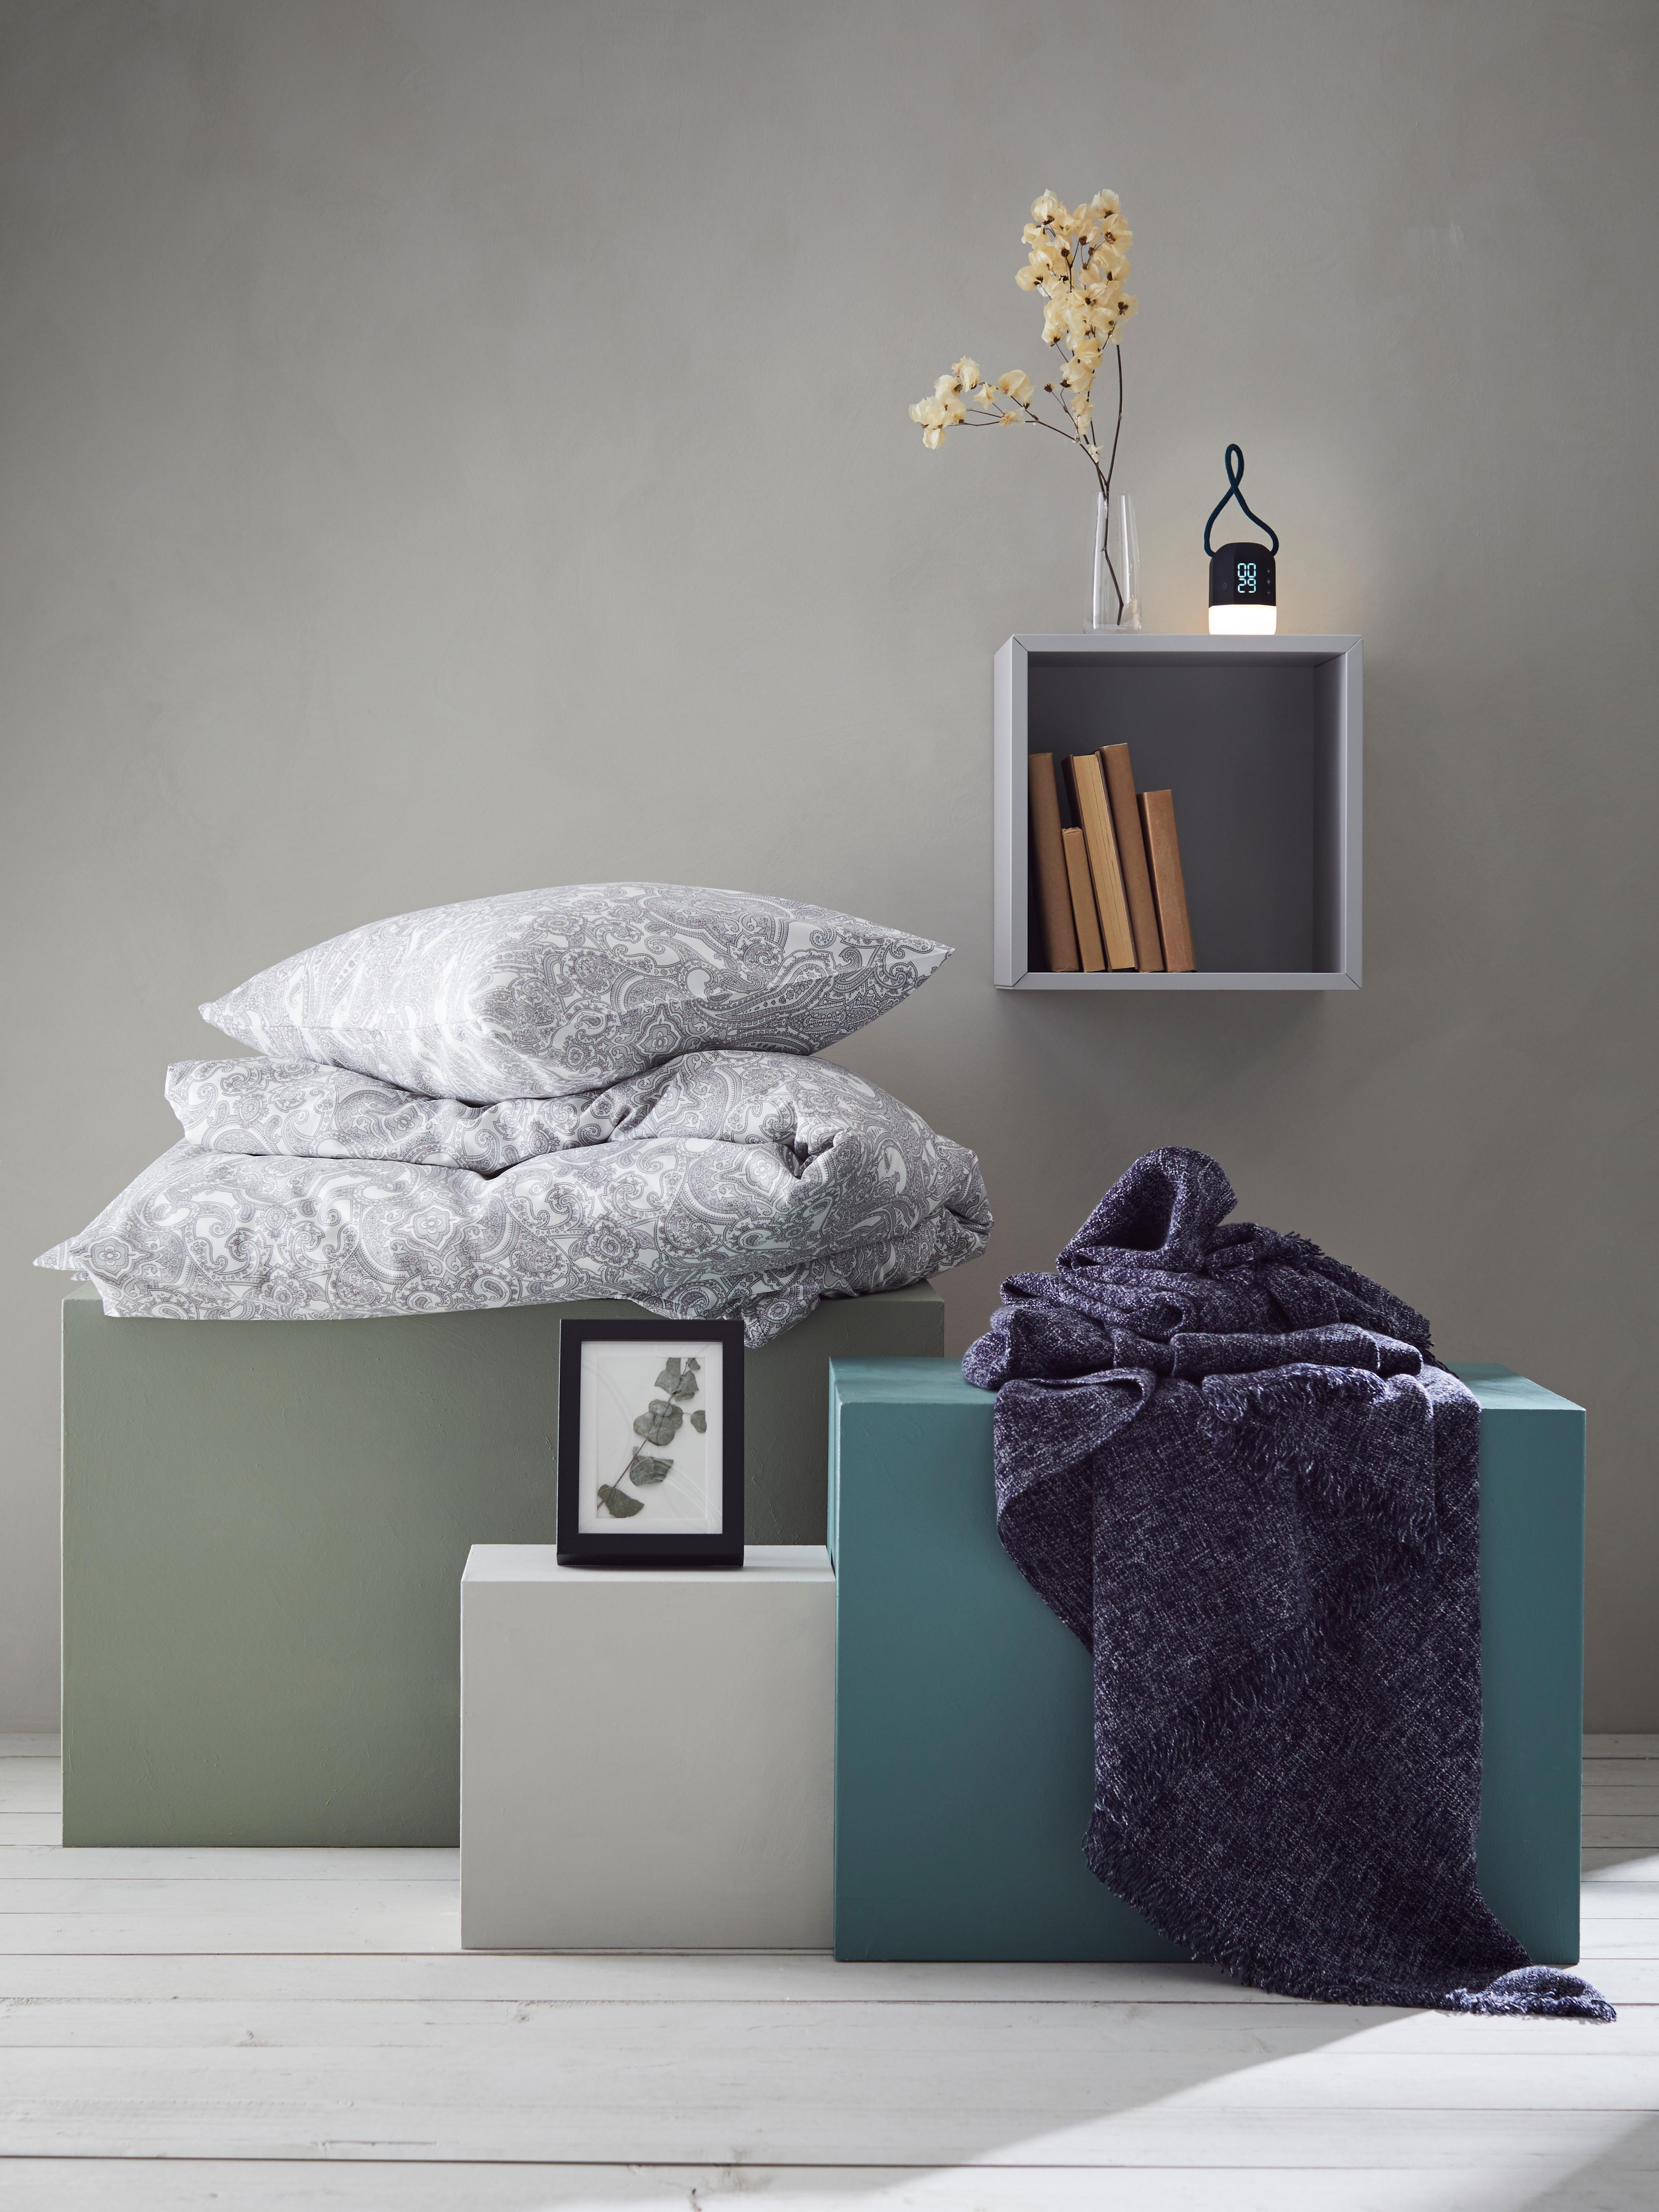 JÄTTEVALLMO set posteljine paisley uzorka, INDIRA lagana deka, RIBBA okvir za slike na postoljima te FNURRA budilica na polici.